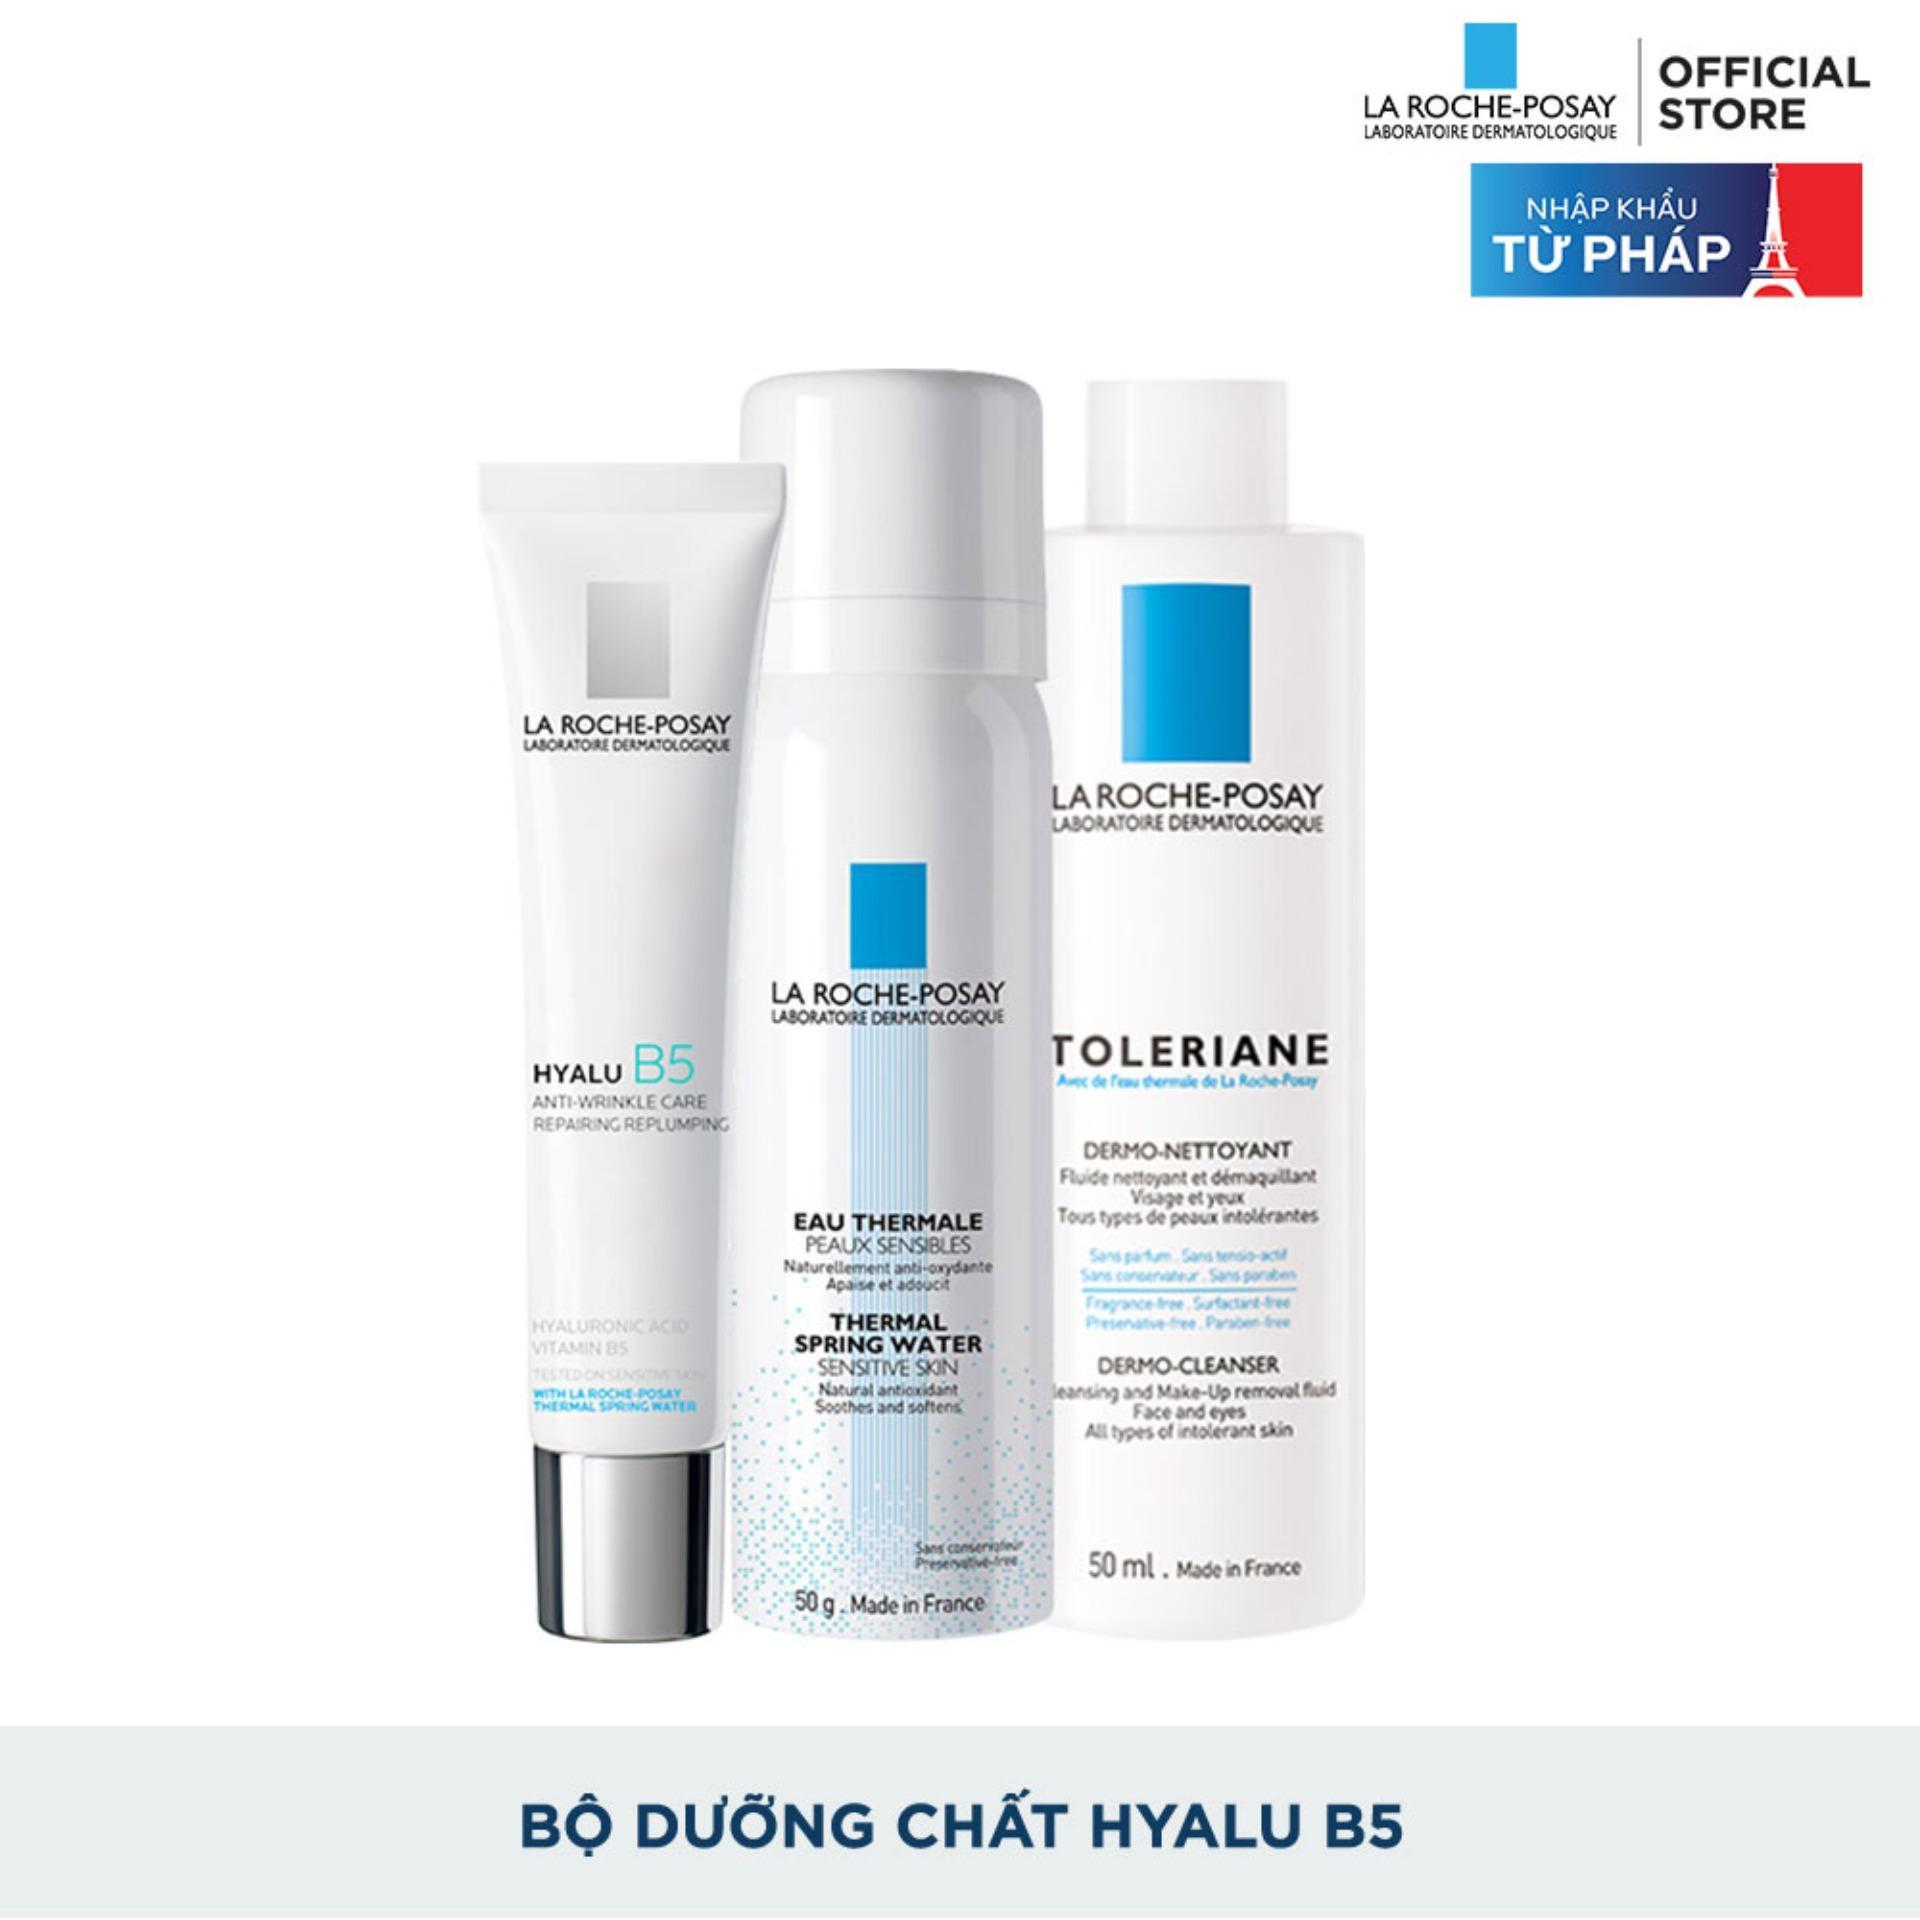 Bộ sản phẩm kem dưỡng da hỗ trợ quá trình tái tạo da, giúp da săn chắc và đàn hồi hơn La Roche Posay Hyalu B5 cream tốt nhất